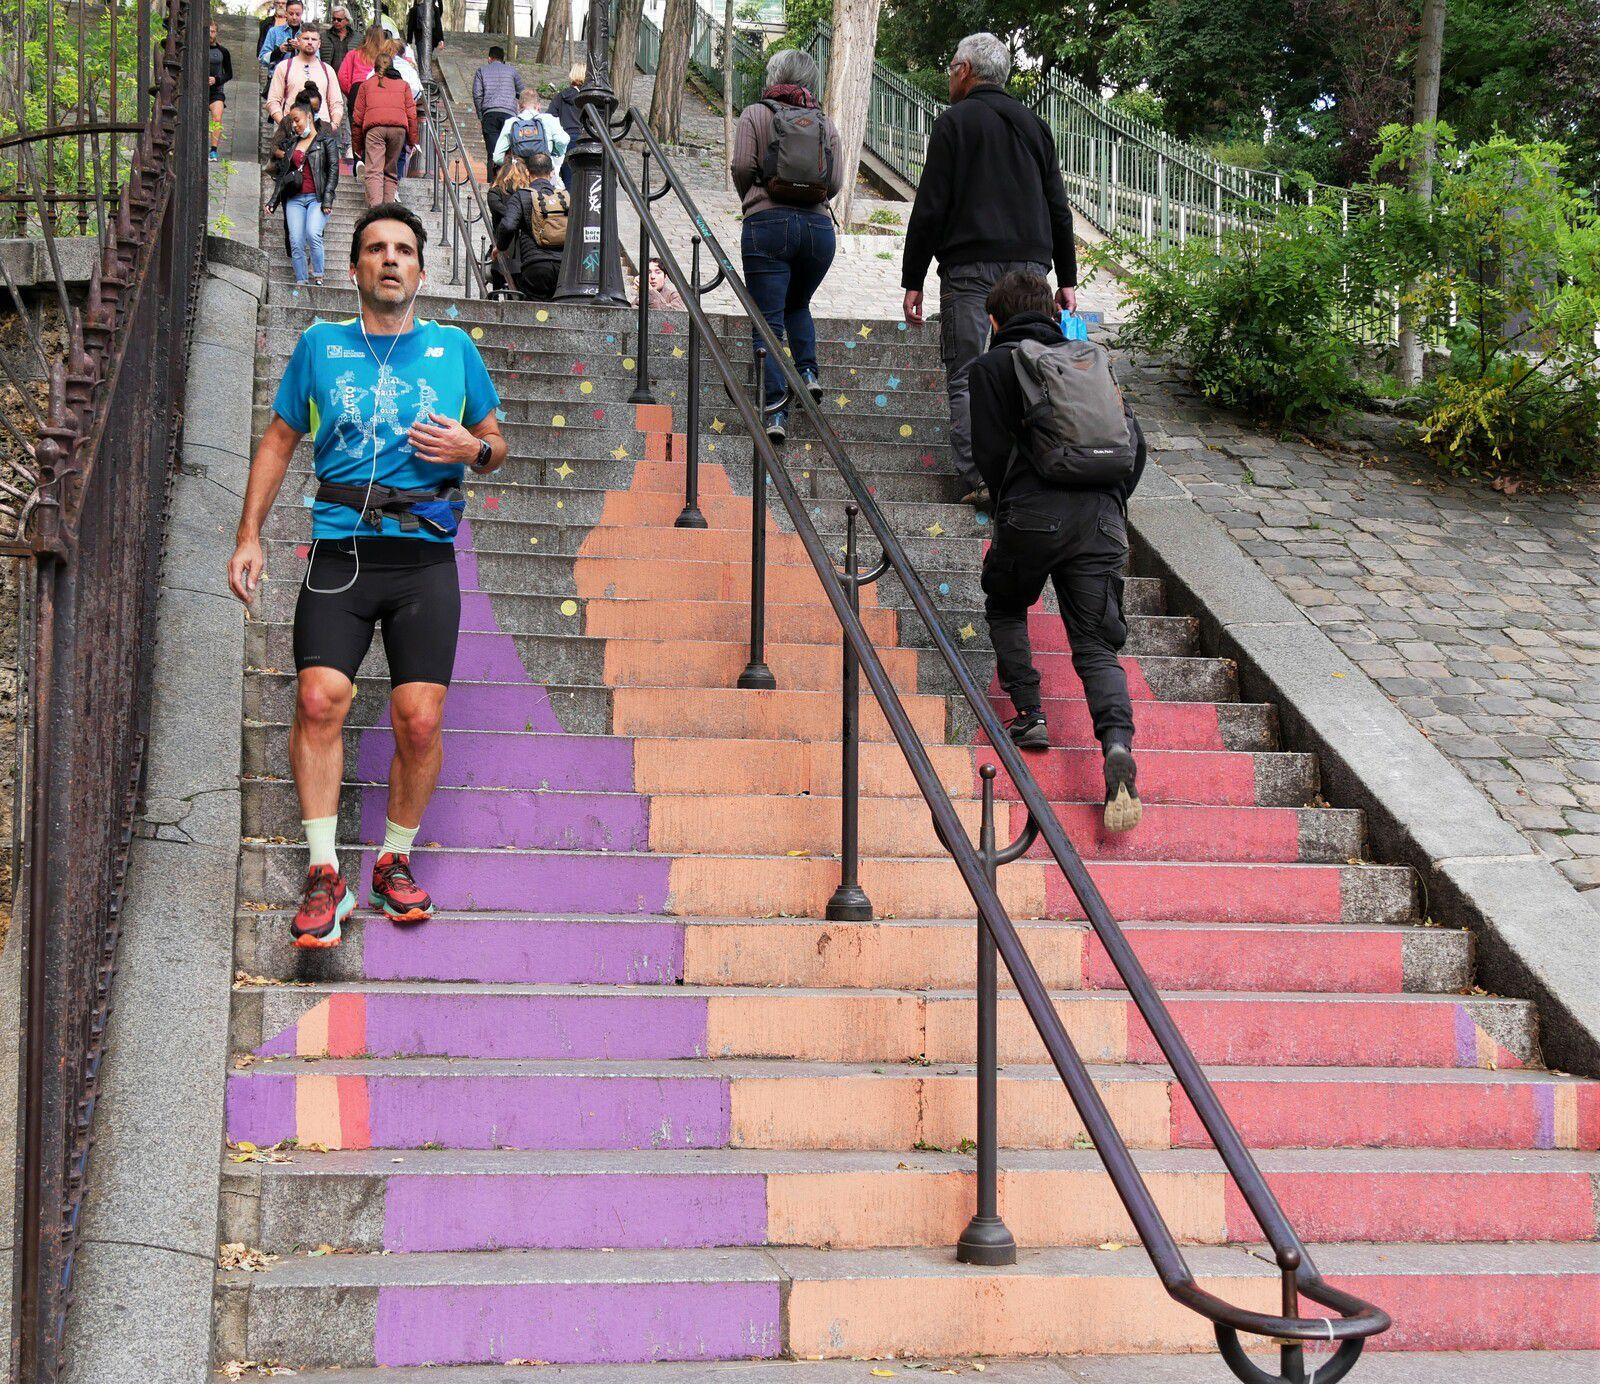 Les escaliers peints par les petits des écoles pour la fête des Vendanges 2021 à Montmartre  ( ruesFoyatier, Barsacq, Gabrielle, Mont-Cenis, Becquerel)